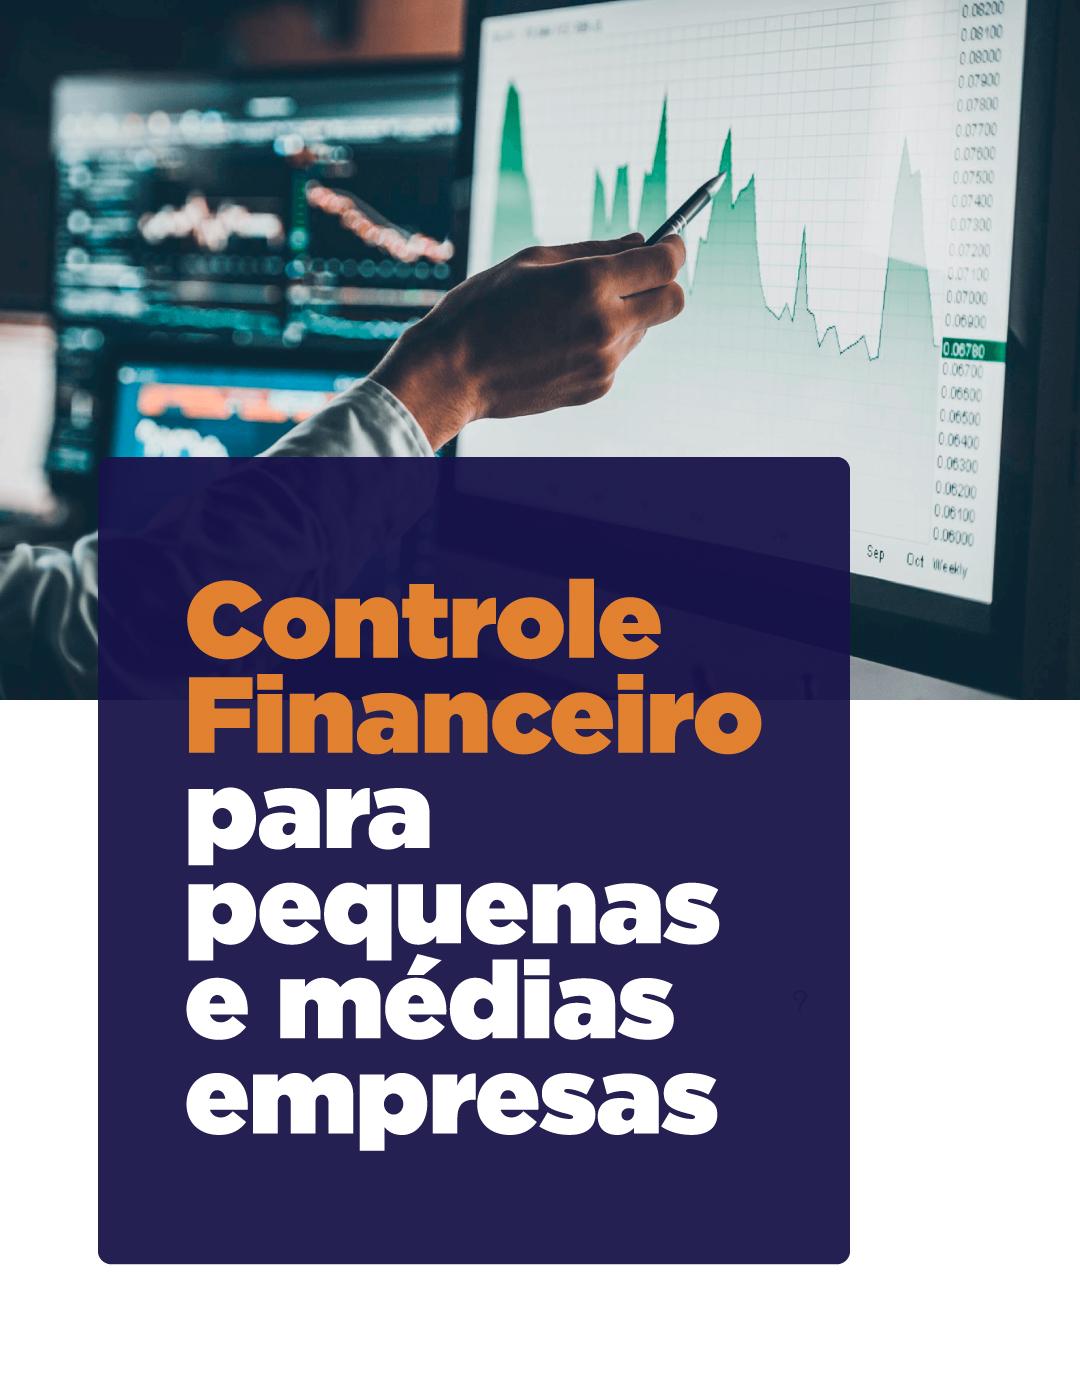 eBook Controle Financeiro para pequenas e médias empresas